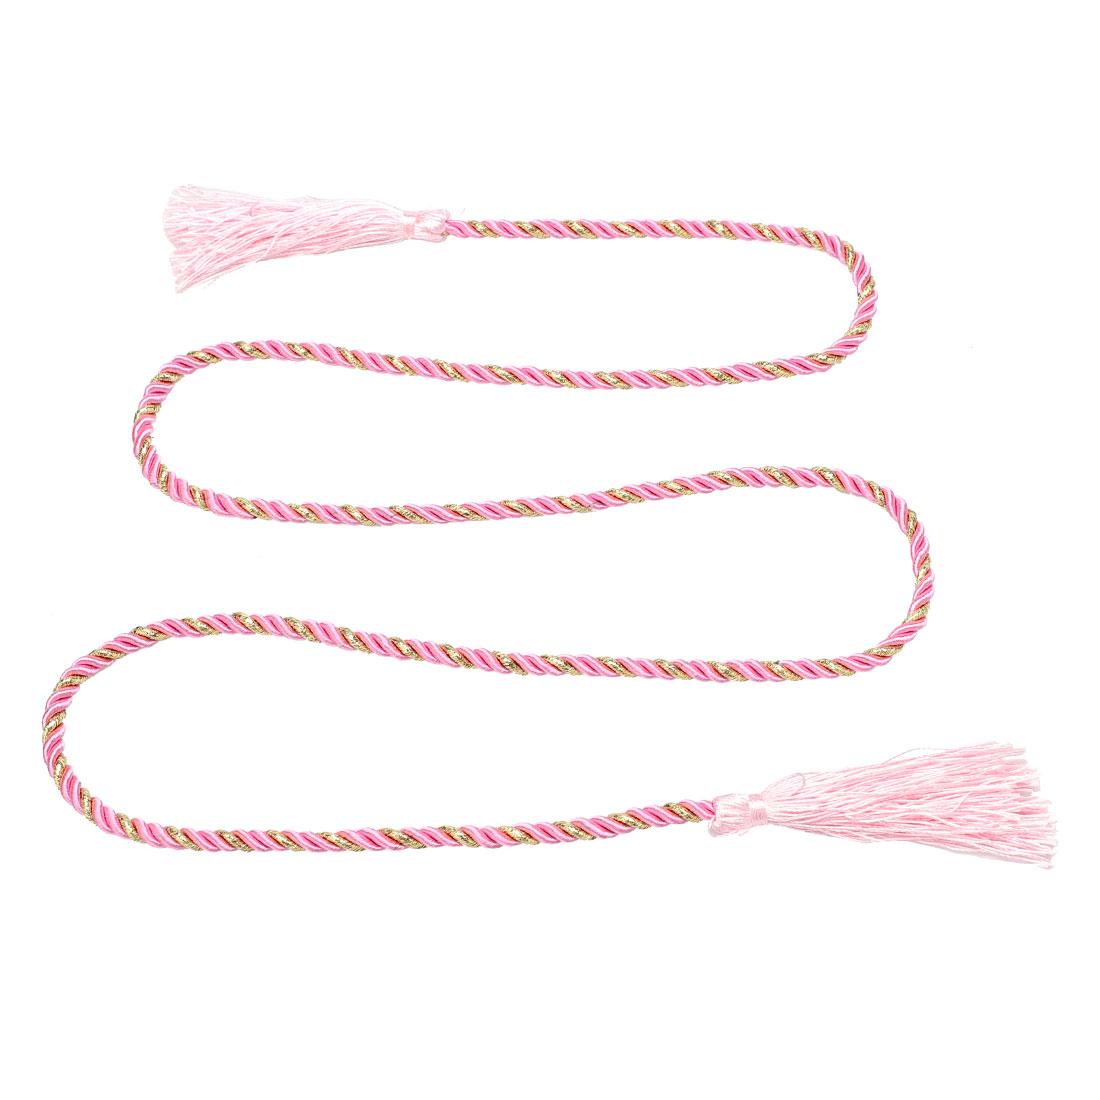 Window Curtain Tieback Tie Back Tassels Trim Rope Cord String 133cm Pink